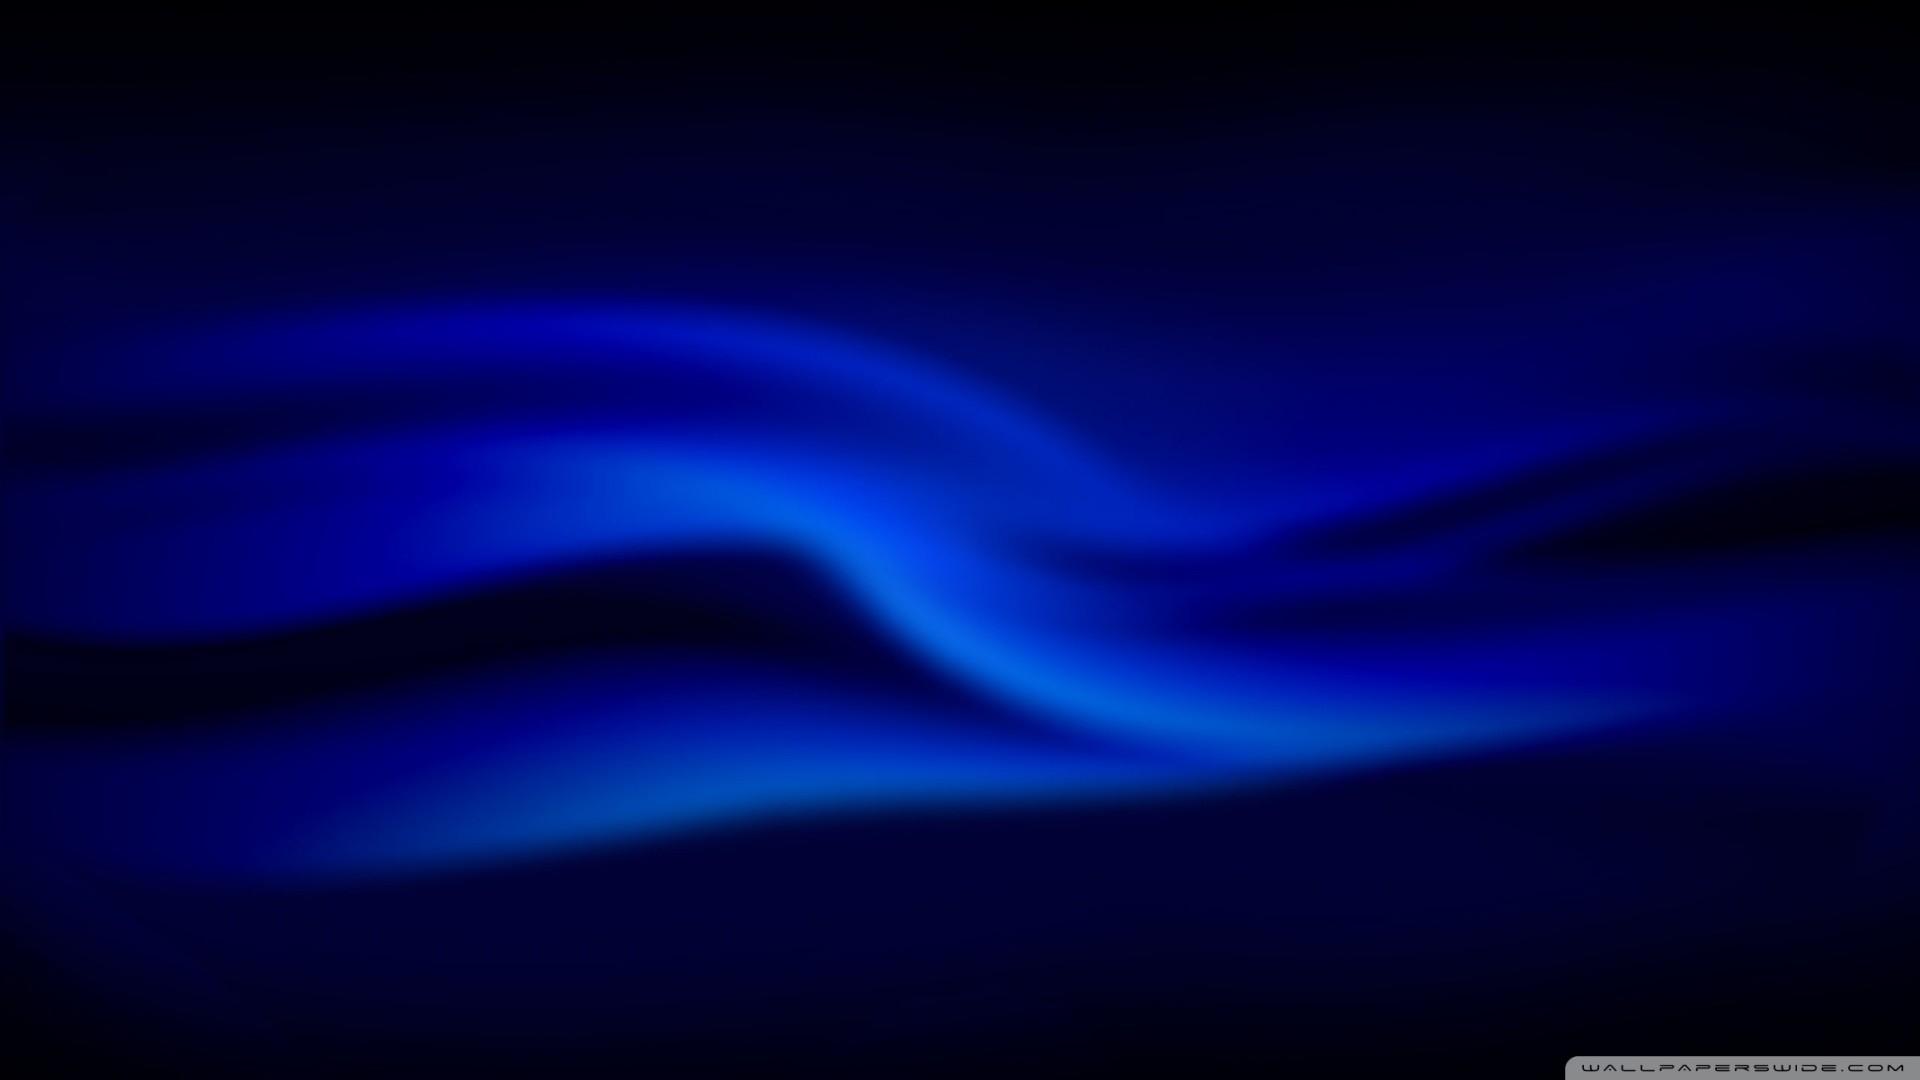 Wallpaper Plain Dark Blue. Wallpaper Plain Dark Blue Desktop Background  1920 1080 Forest Epic Wallpaperz